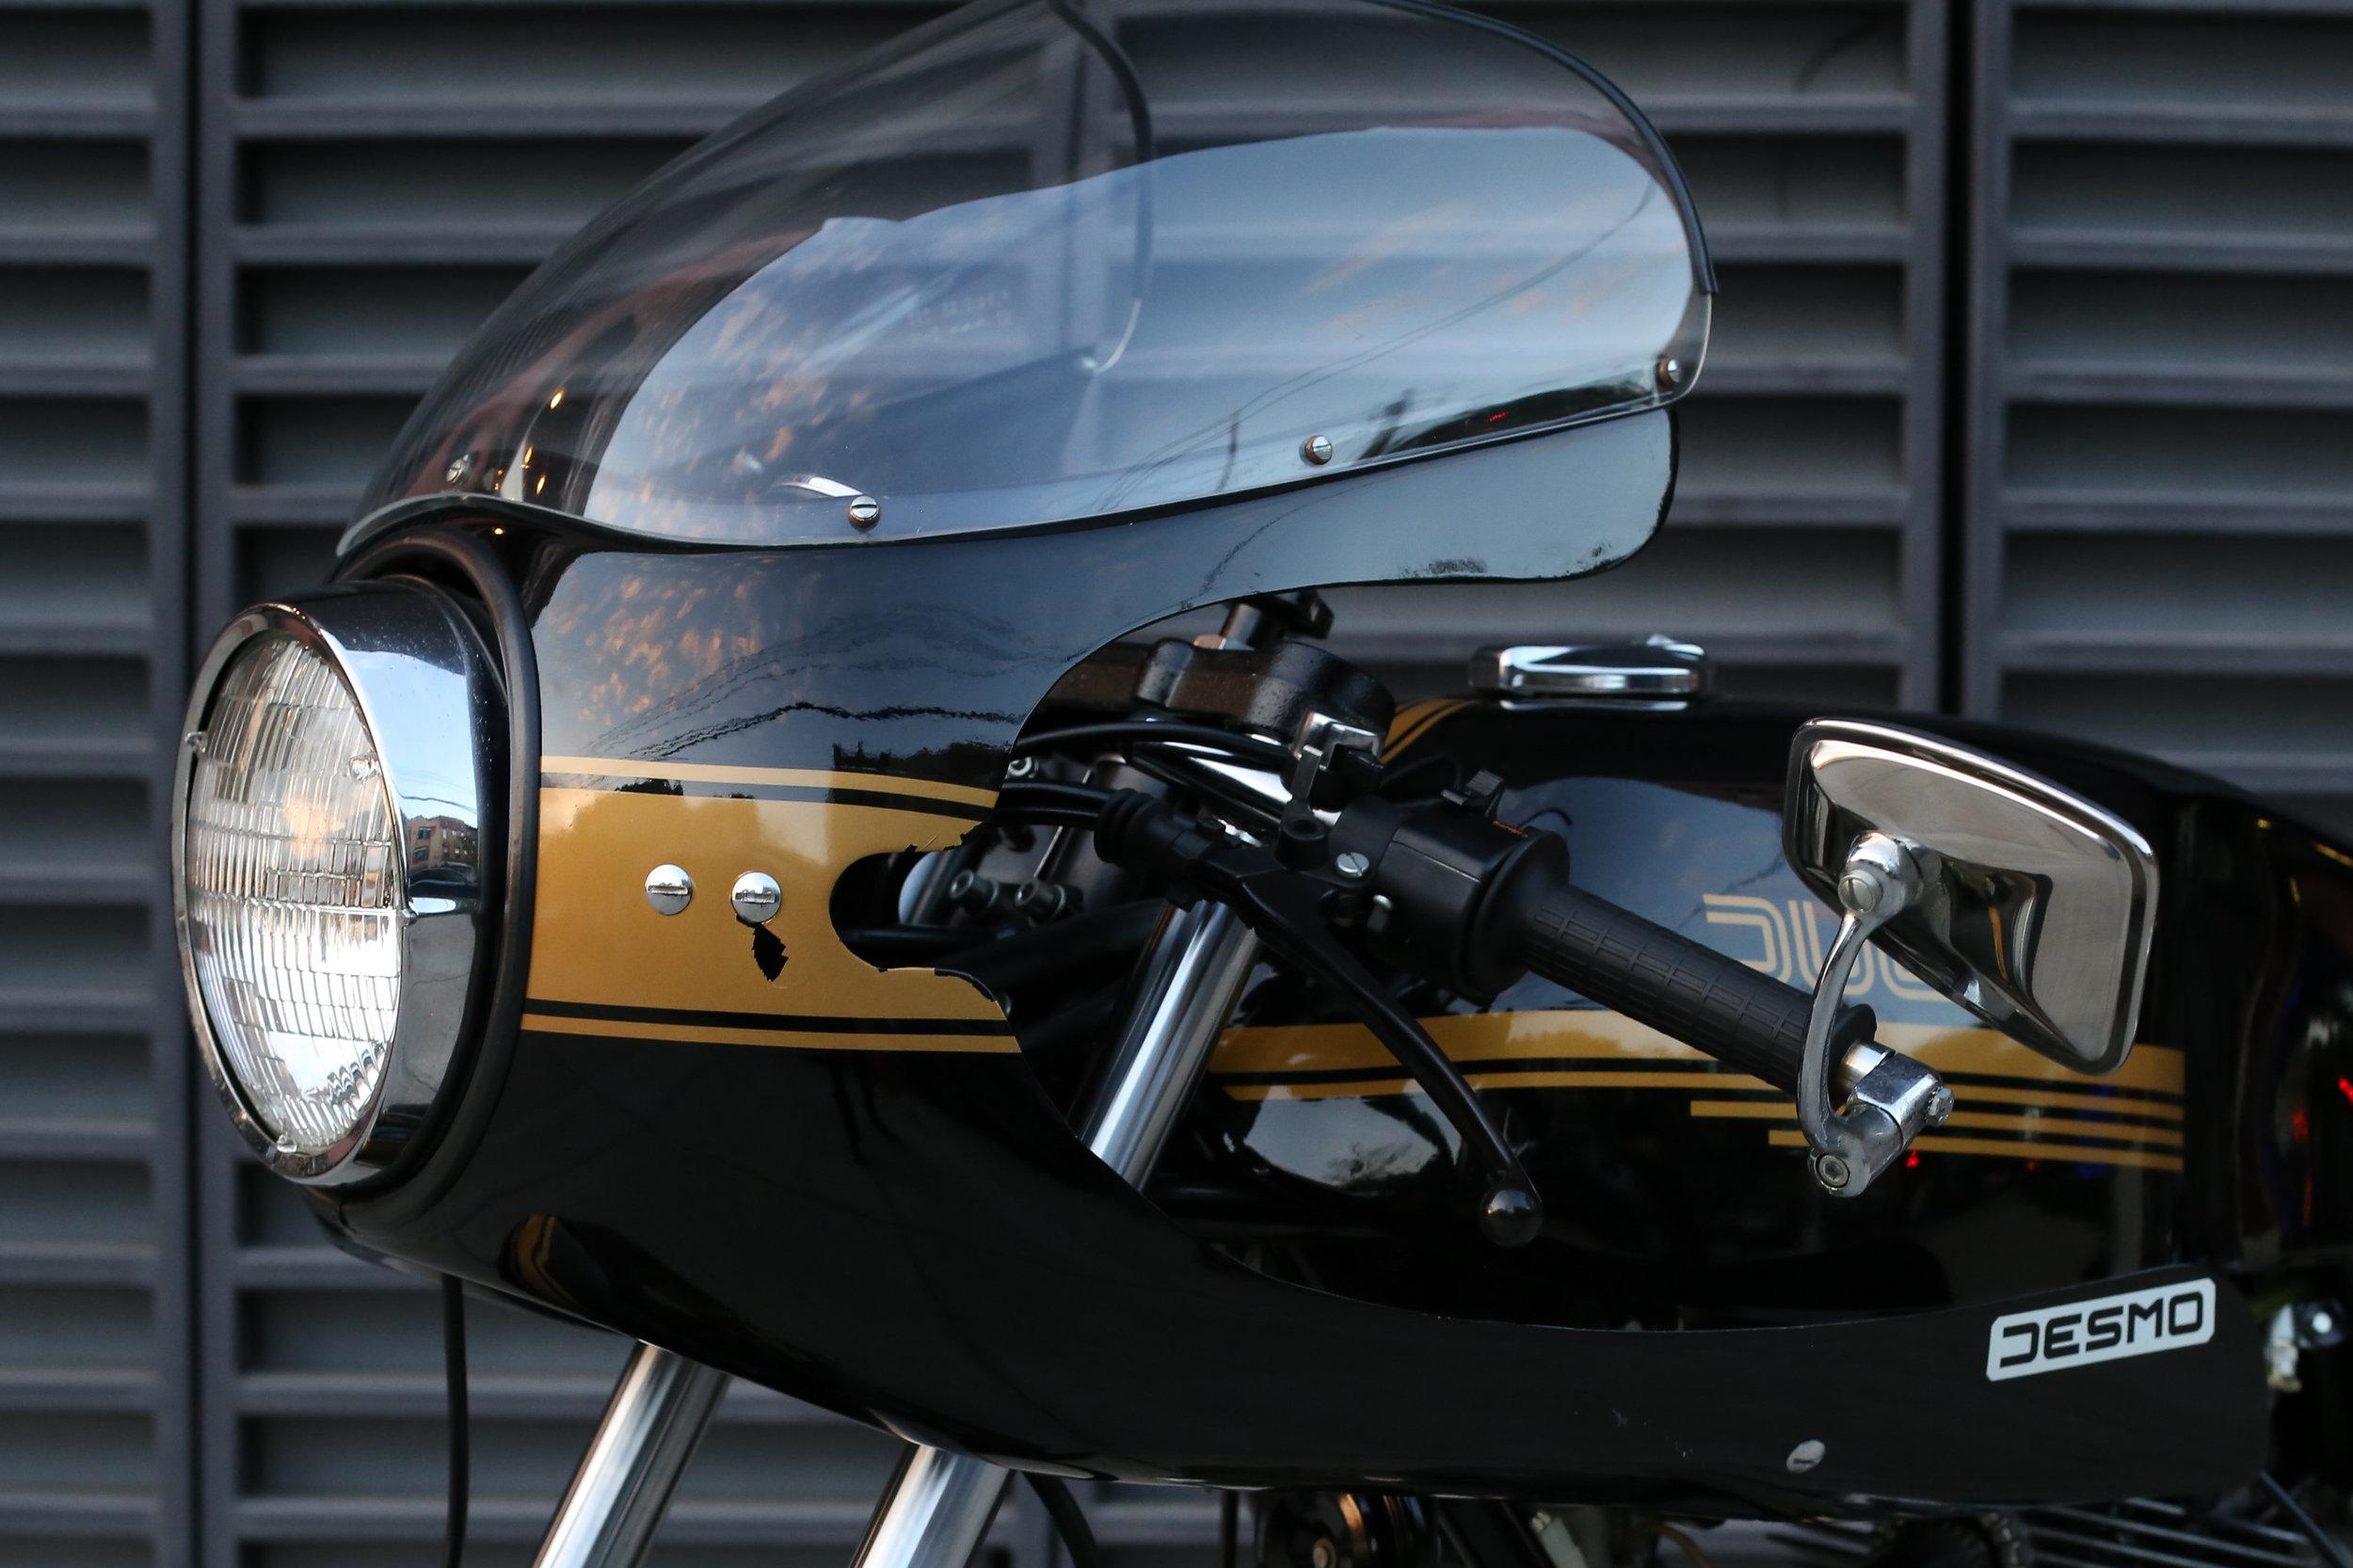 1981 Ducati 900SS bubble windshield